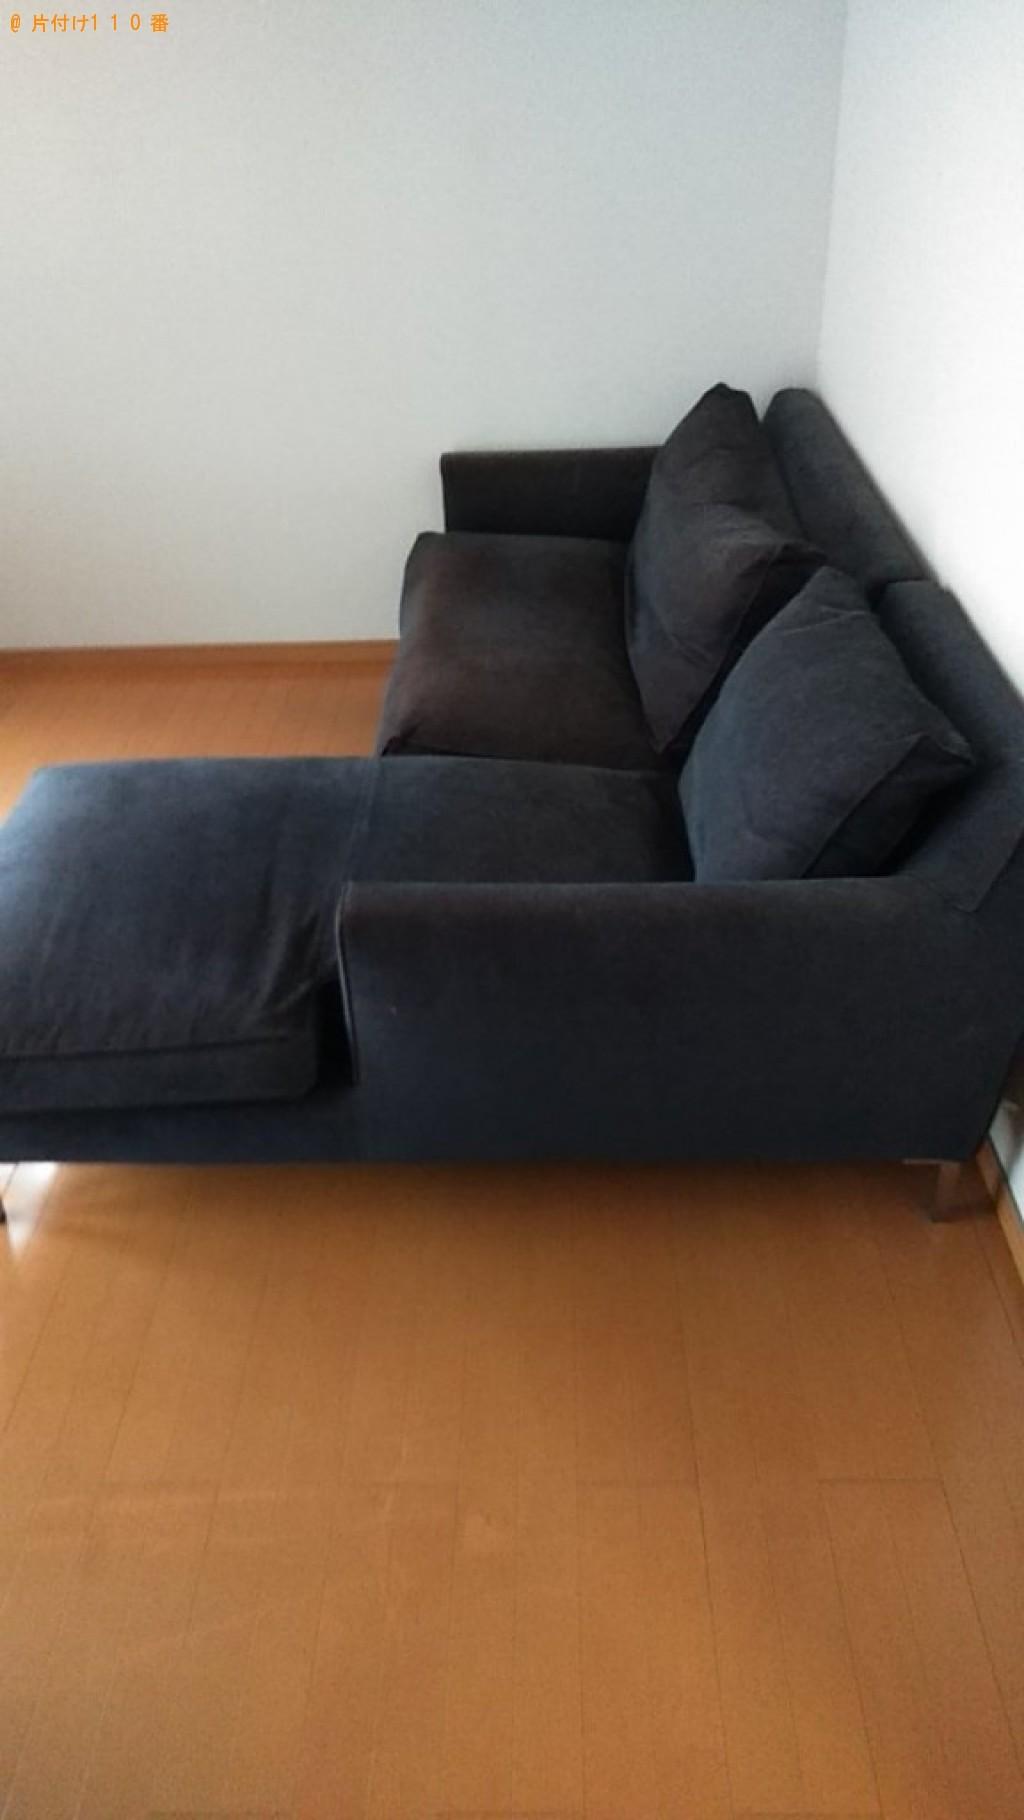 【今治市】テレビ、三人掛けソファーの回収・処分ご依頼 お客様の声